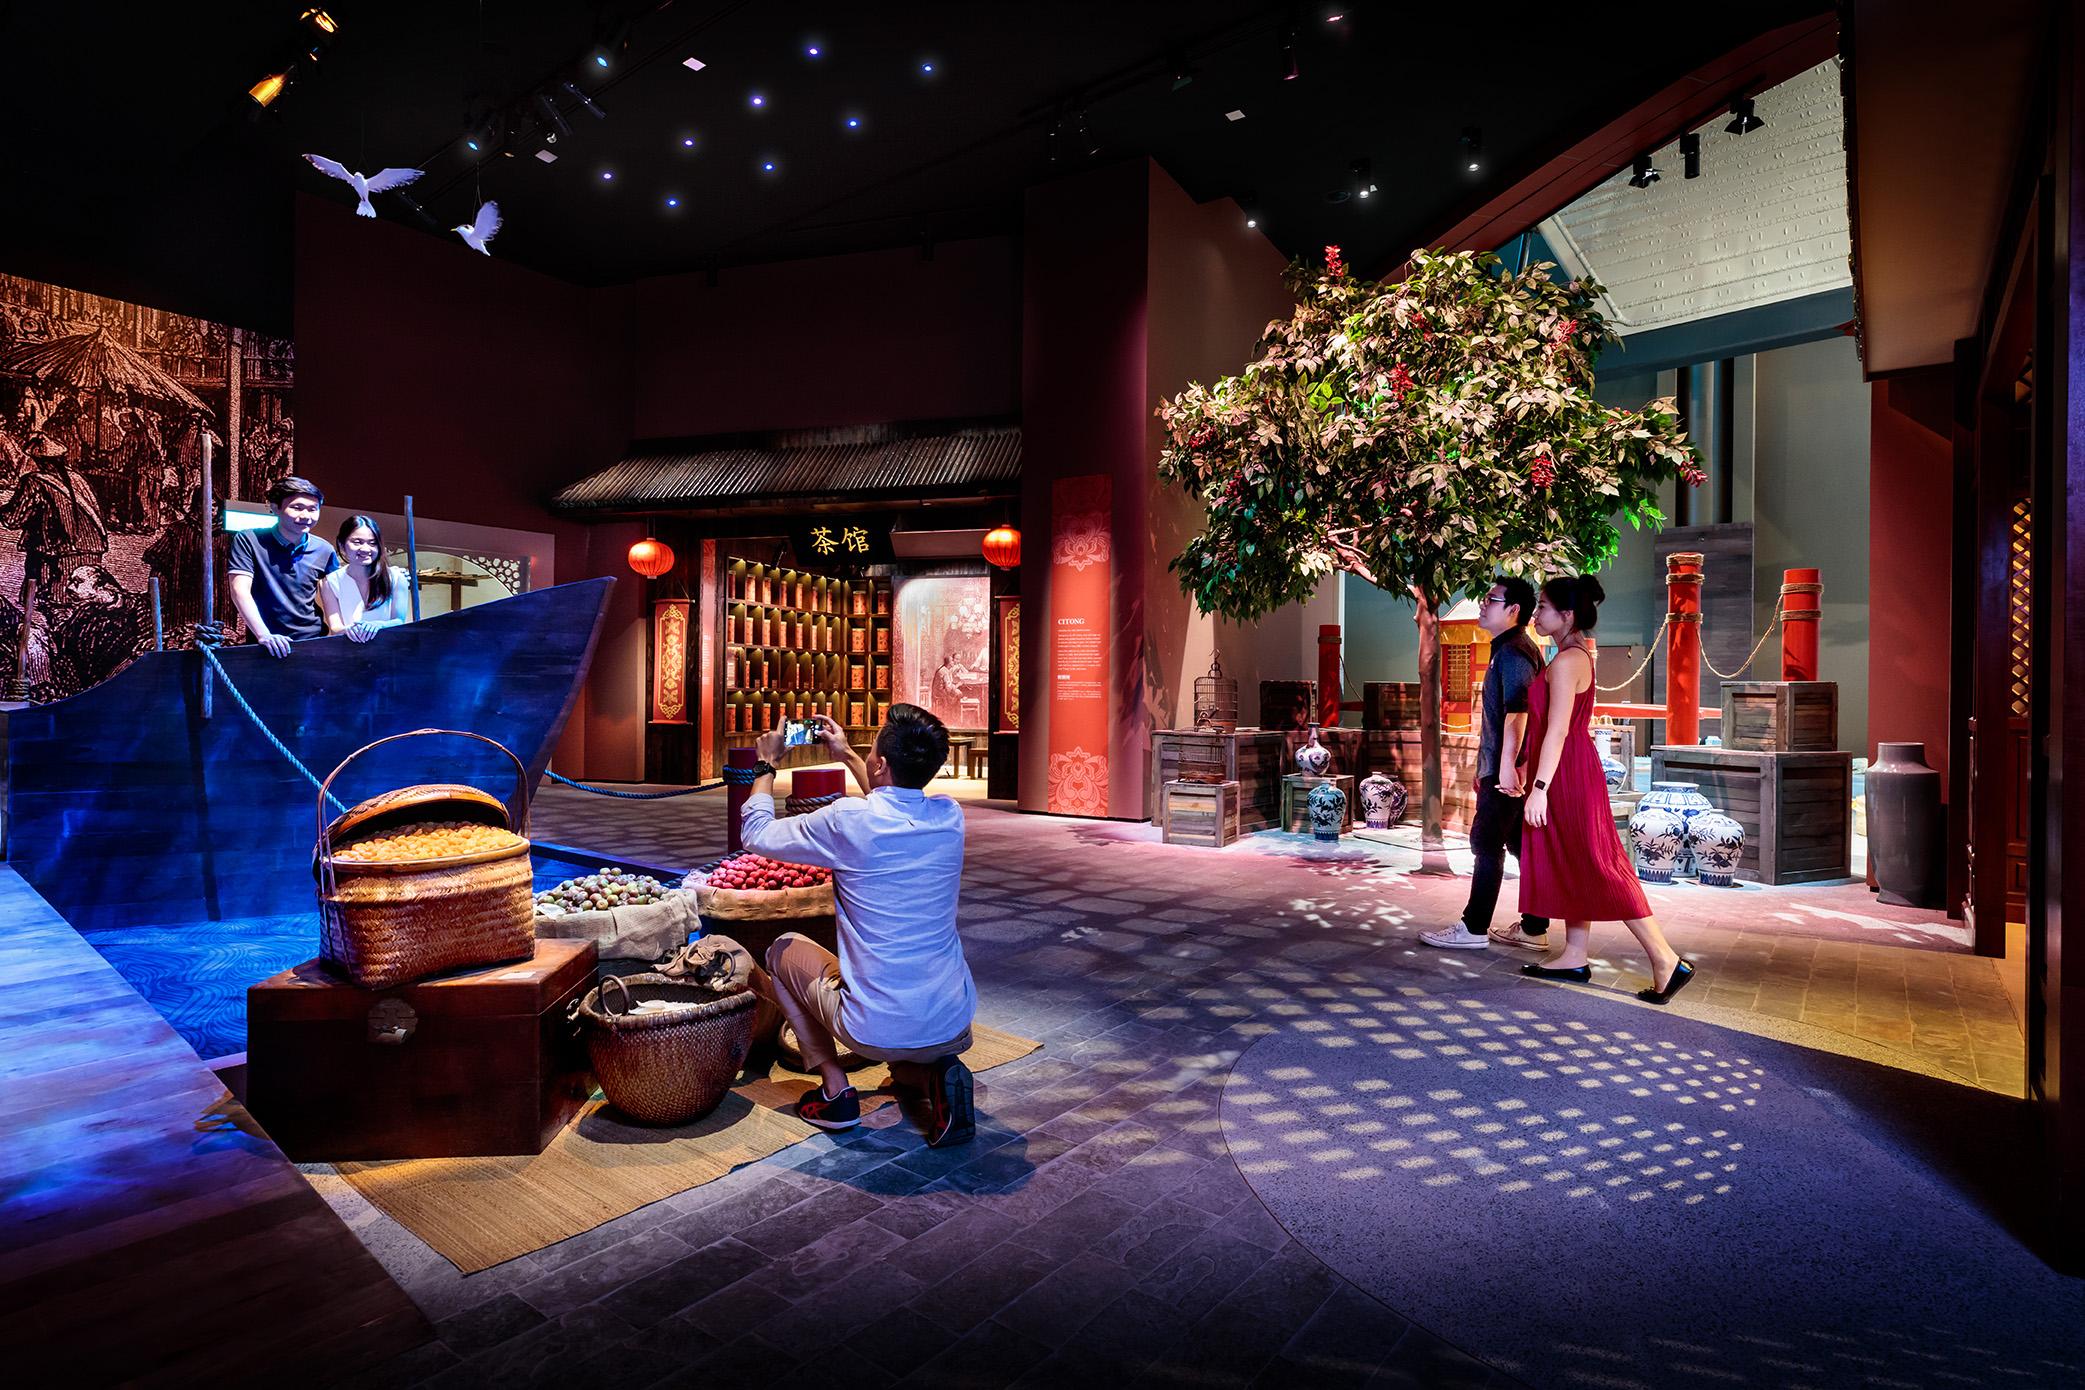 新加坡海事博物馆新展区之昔日泉州港